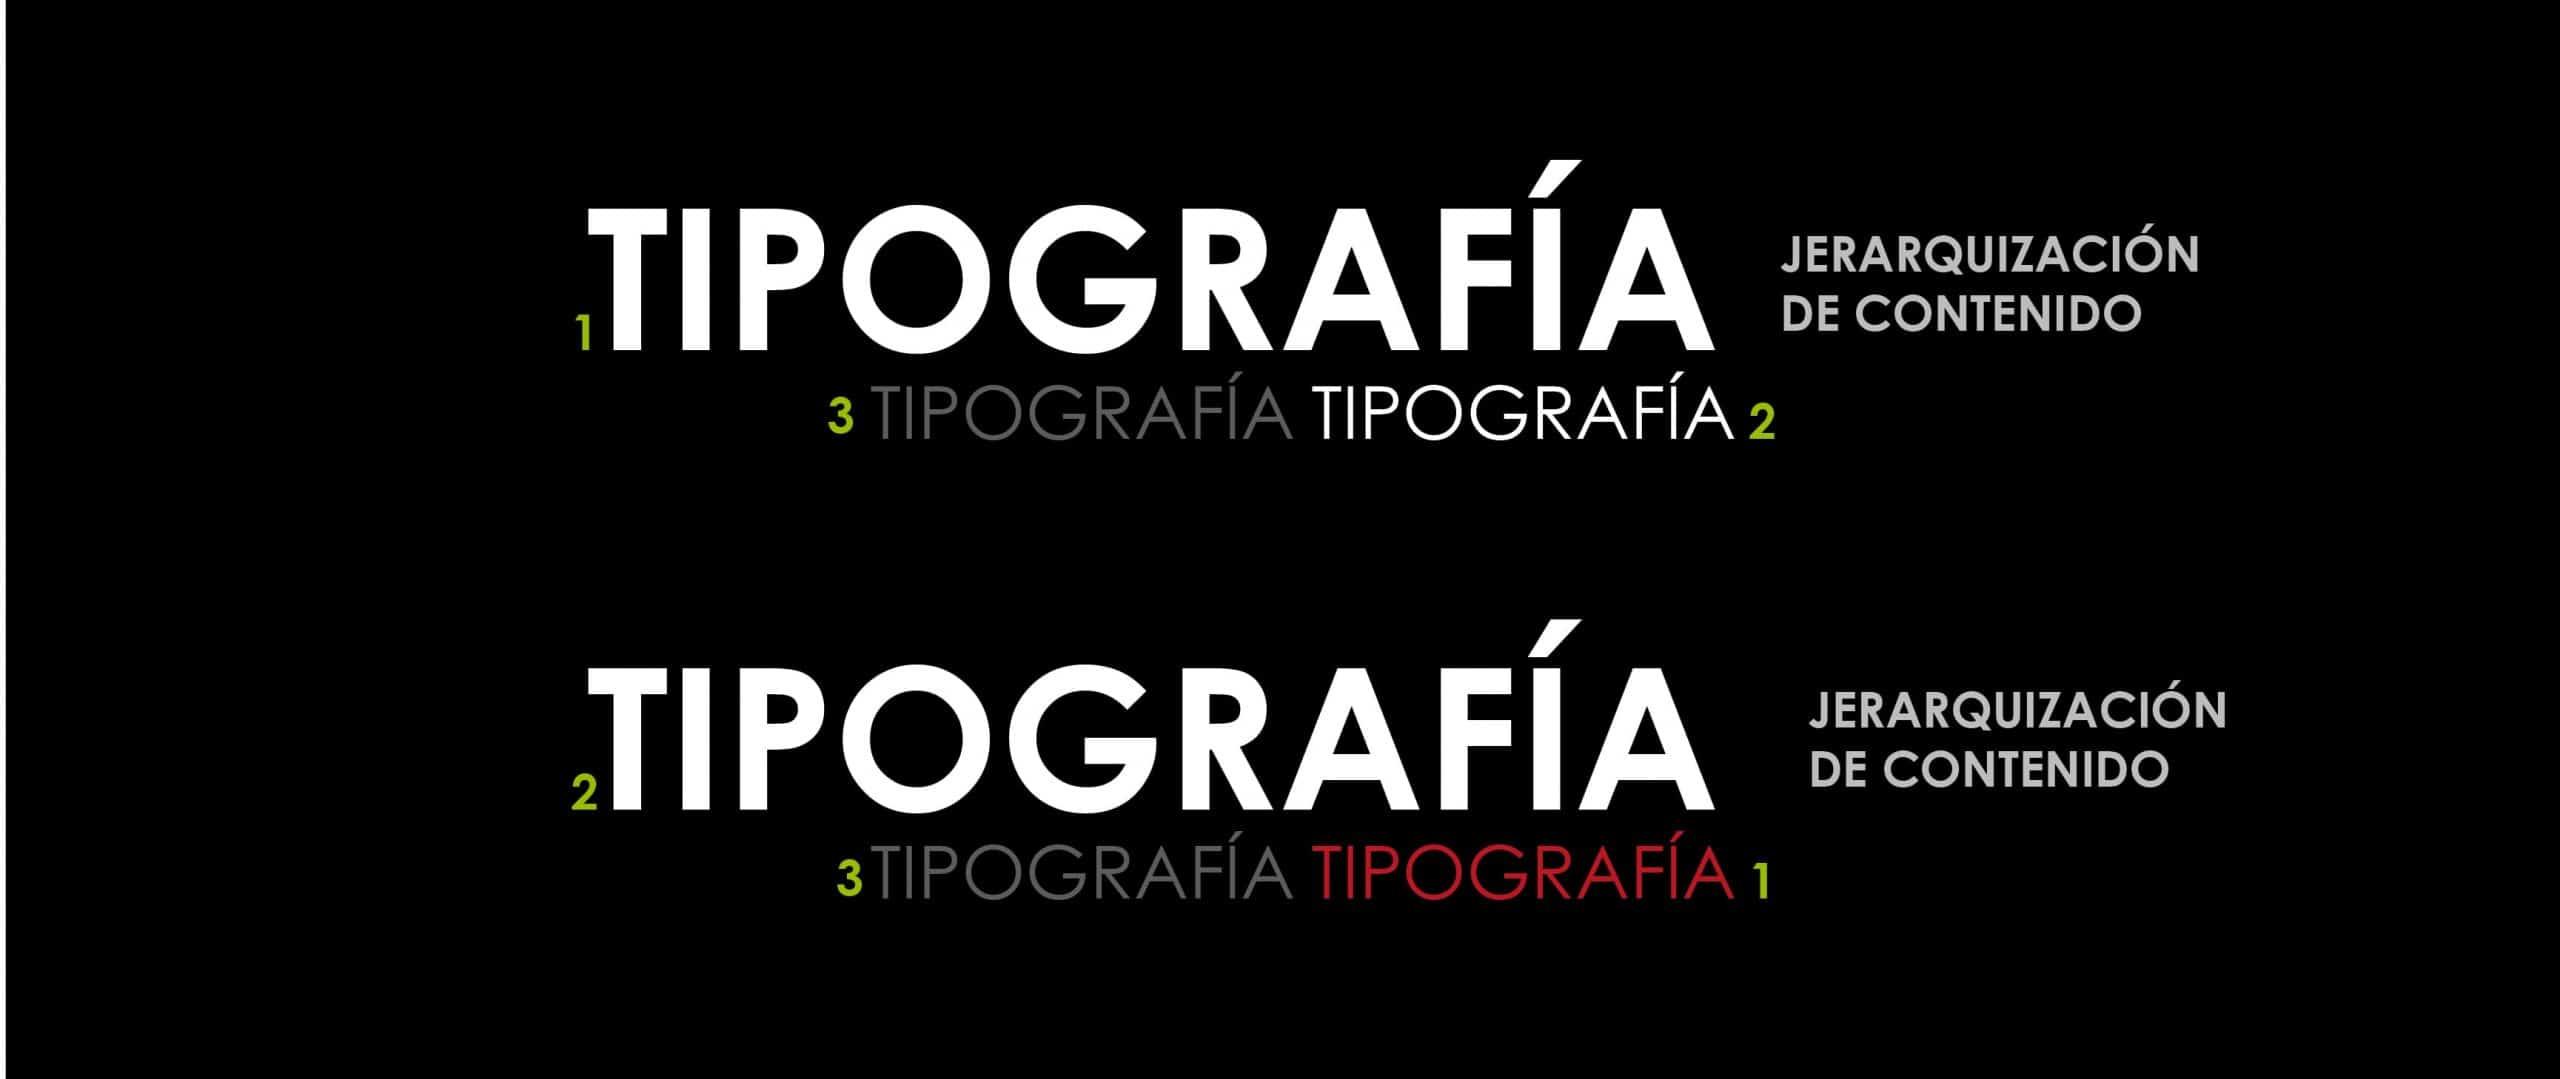 la tipograf u00eda y su importancia en el dise u00f1o gr u00e1fico